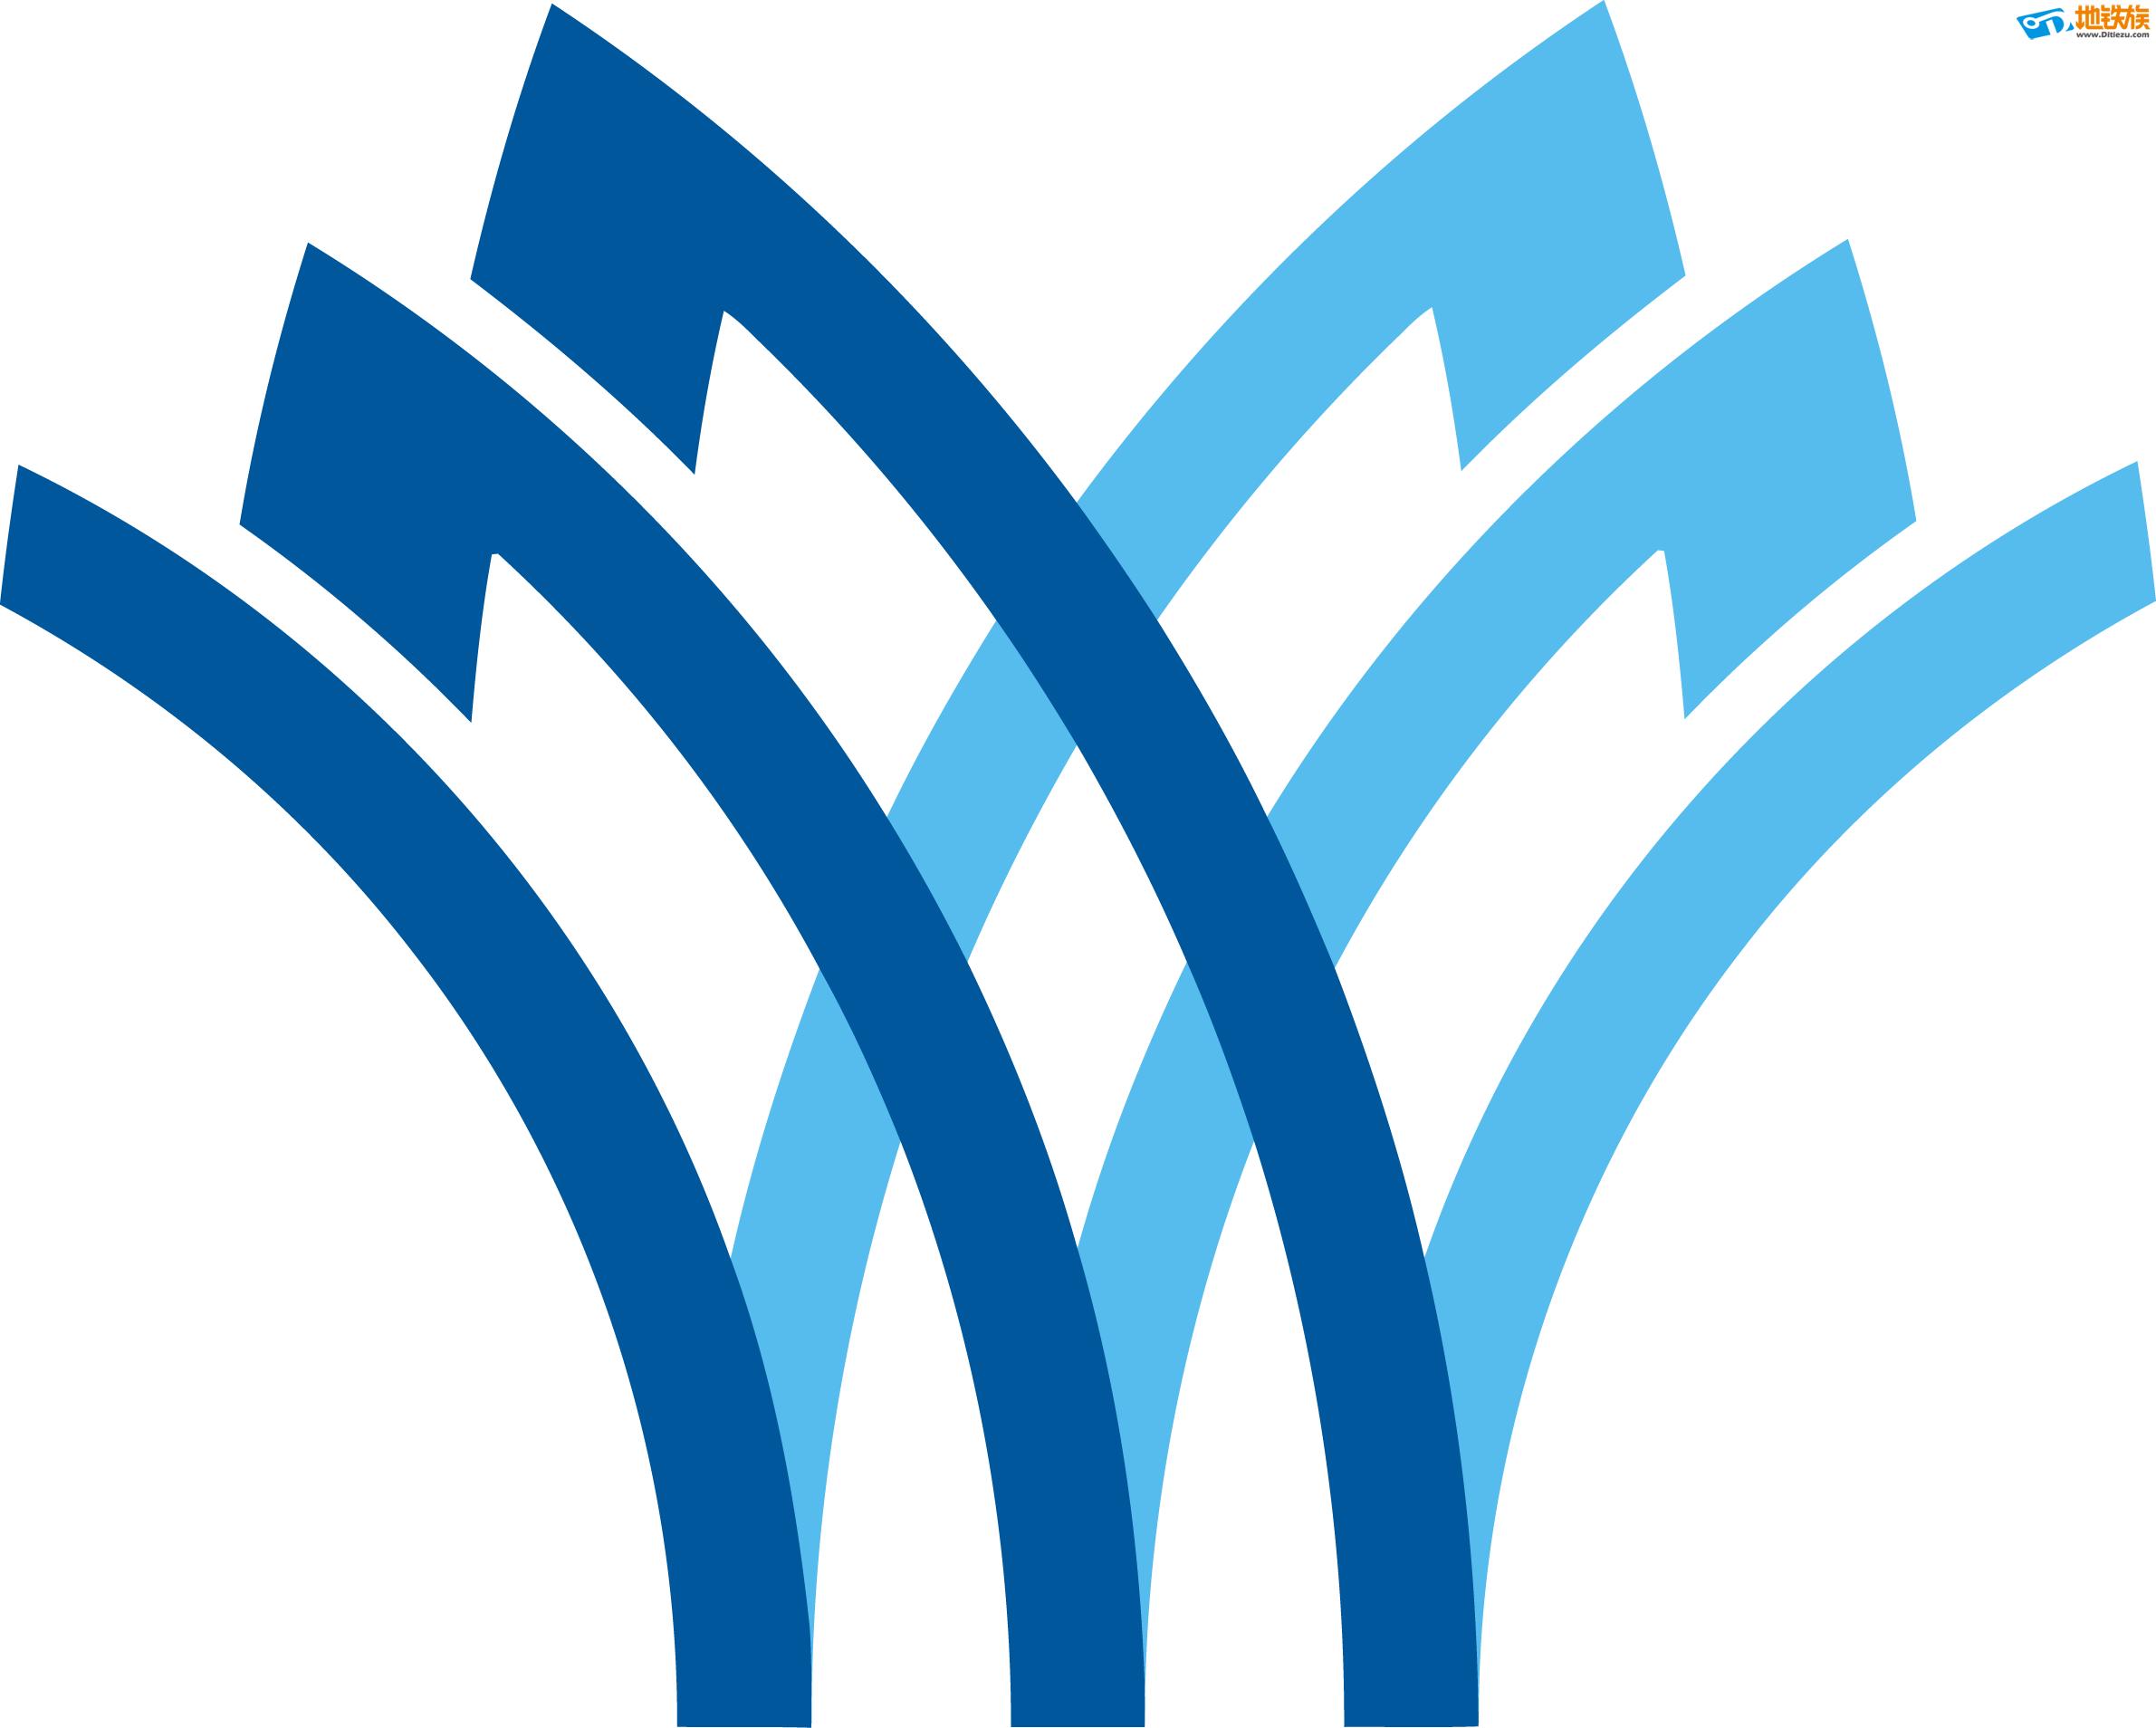 天津地铁logo_全国地铁LOGO标志大全_交通地图库_地图窝